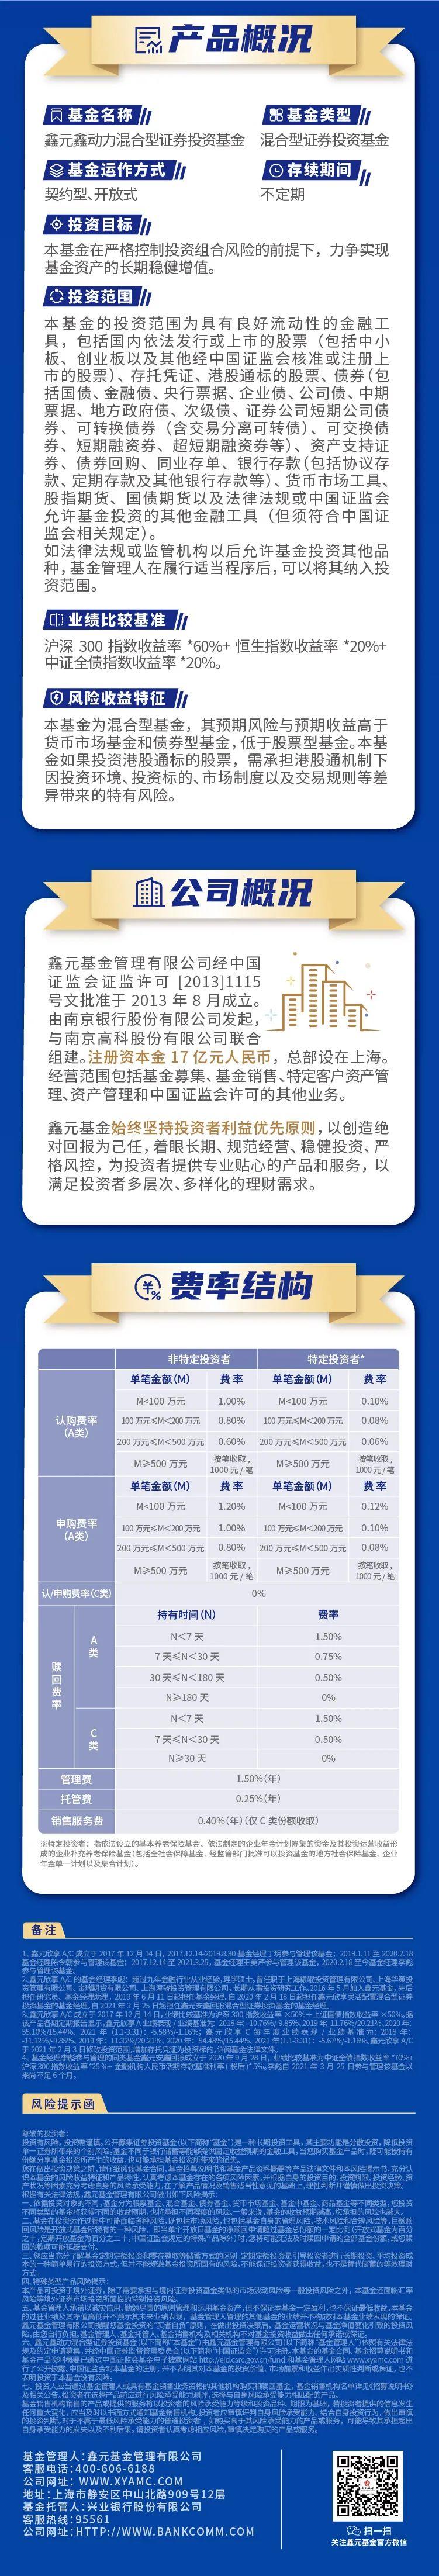 新基启航 | 鑫元鑫动力混合型基金将于6月28日正式发售!